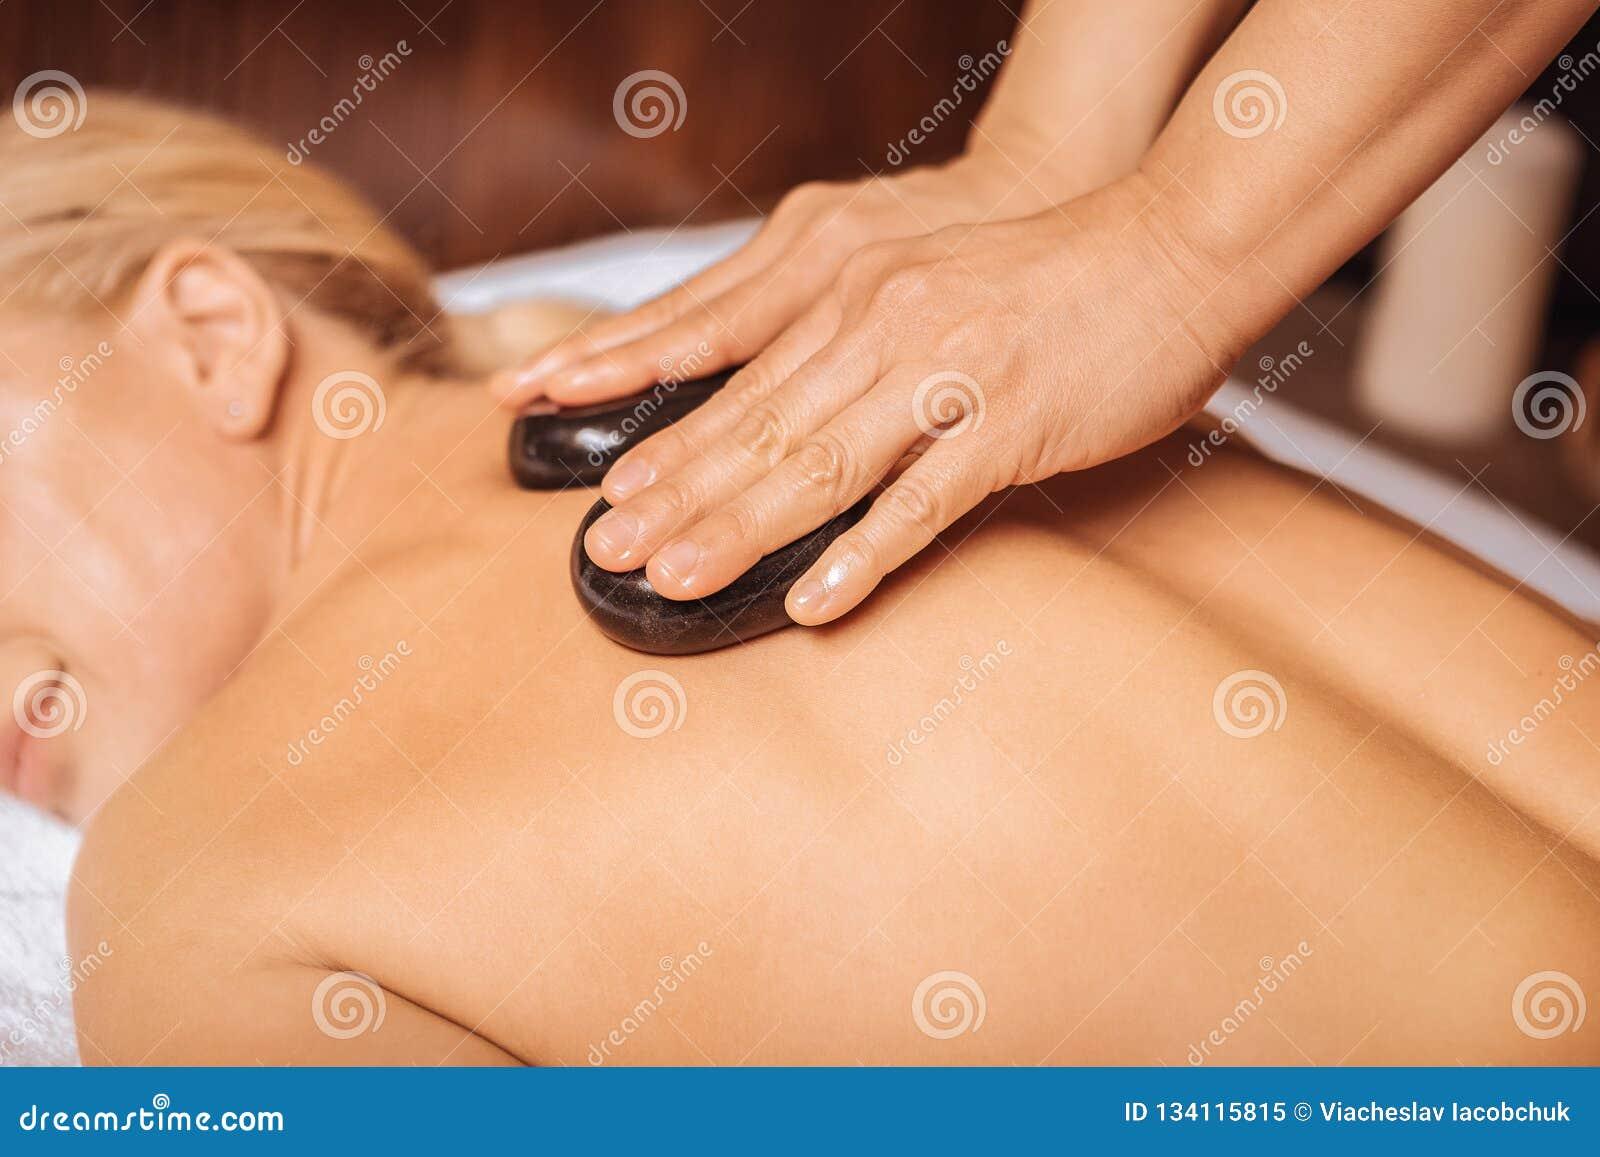 Trevlig kompetent massös som använder varma stenar för massage